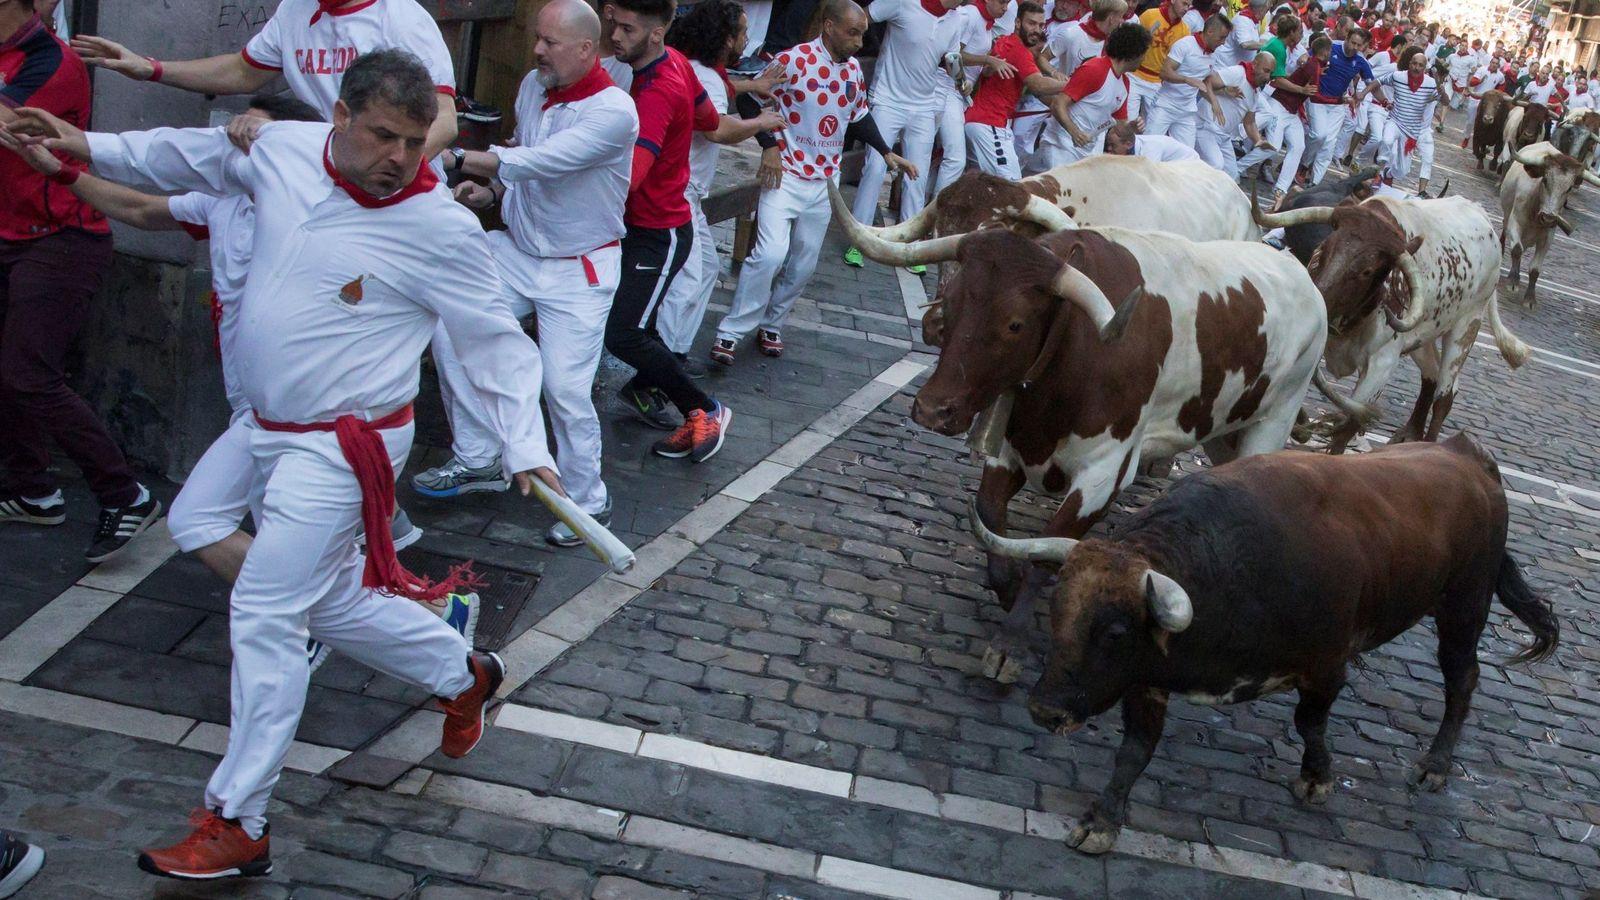 Desierto biología Escultor  San Fermín 2019: todo lo que debes saber sobre los encierros de la fiesta  de Pamplona